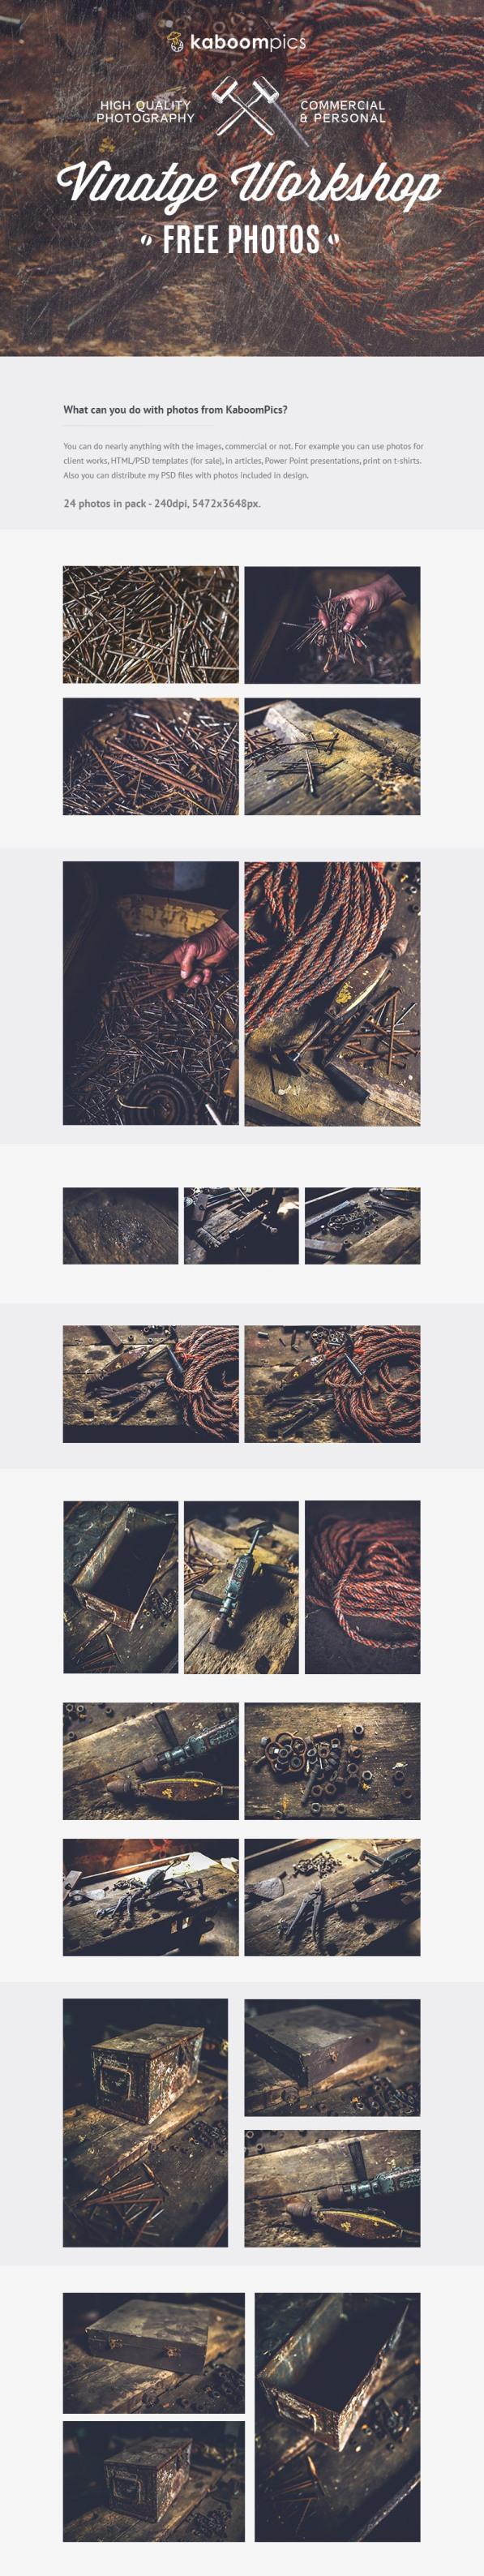 24 Free Photos – Vintage Workshop